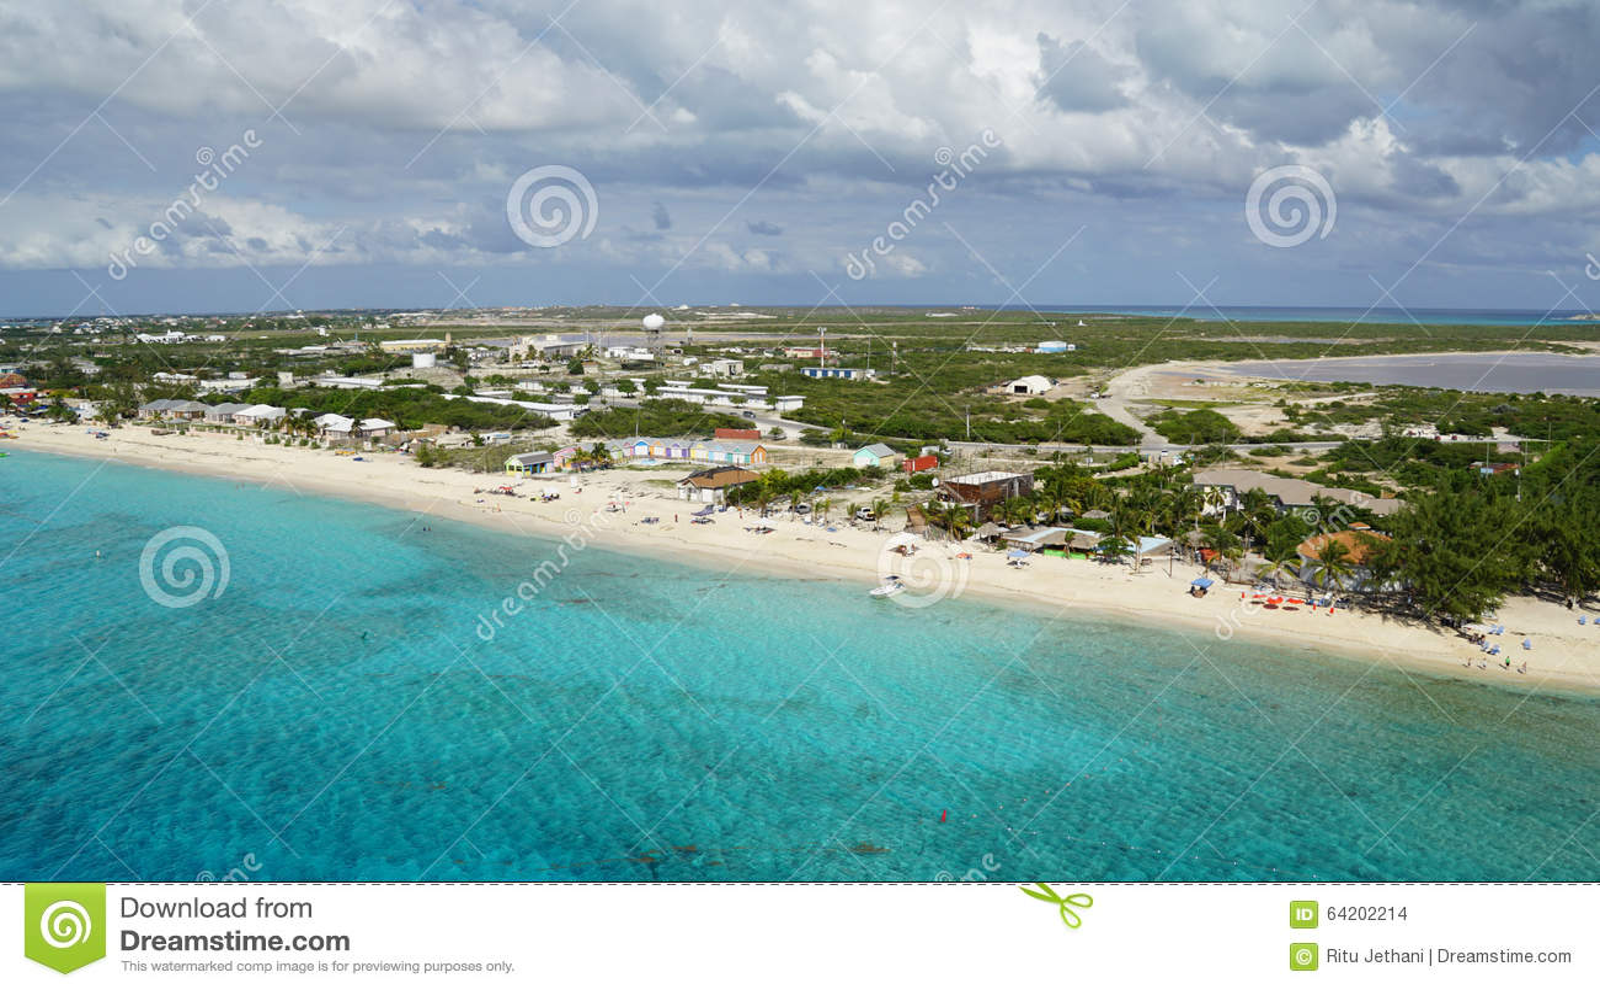 Turk Island magnífico en los Turks and Caicos Islands